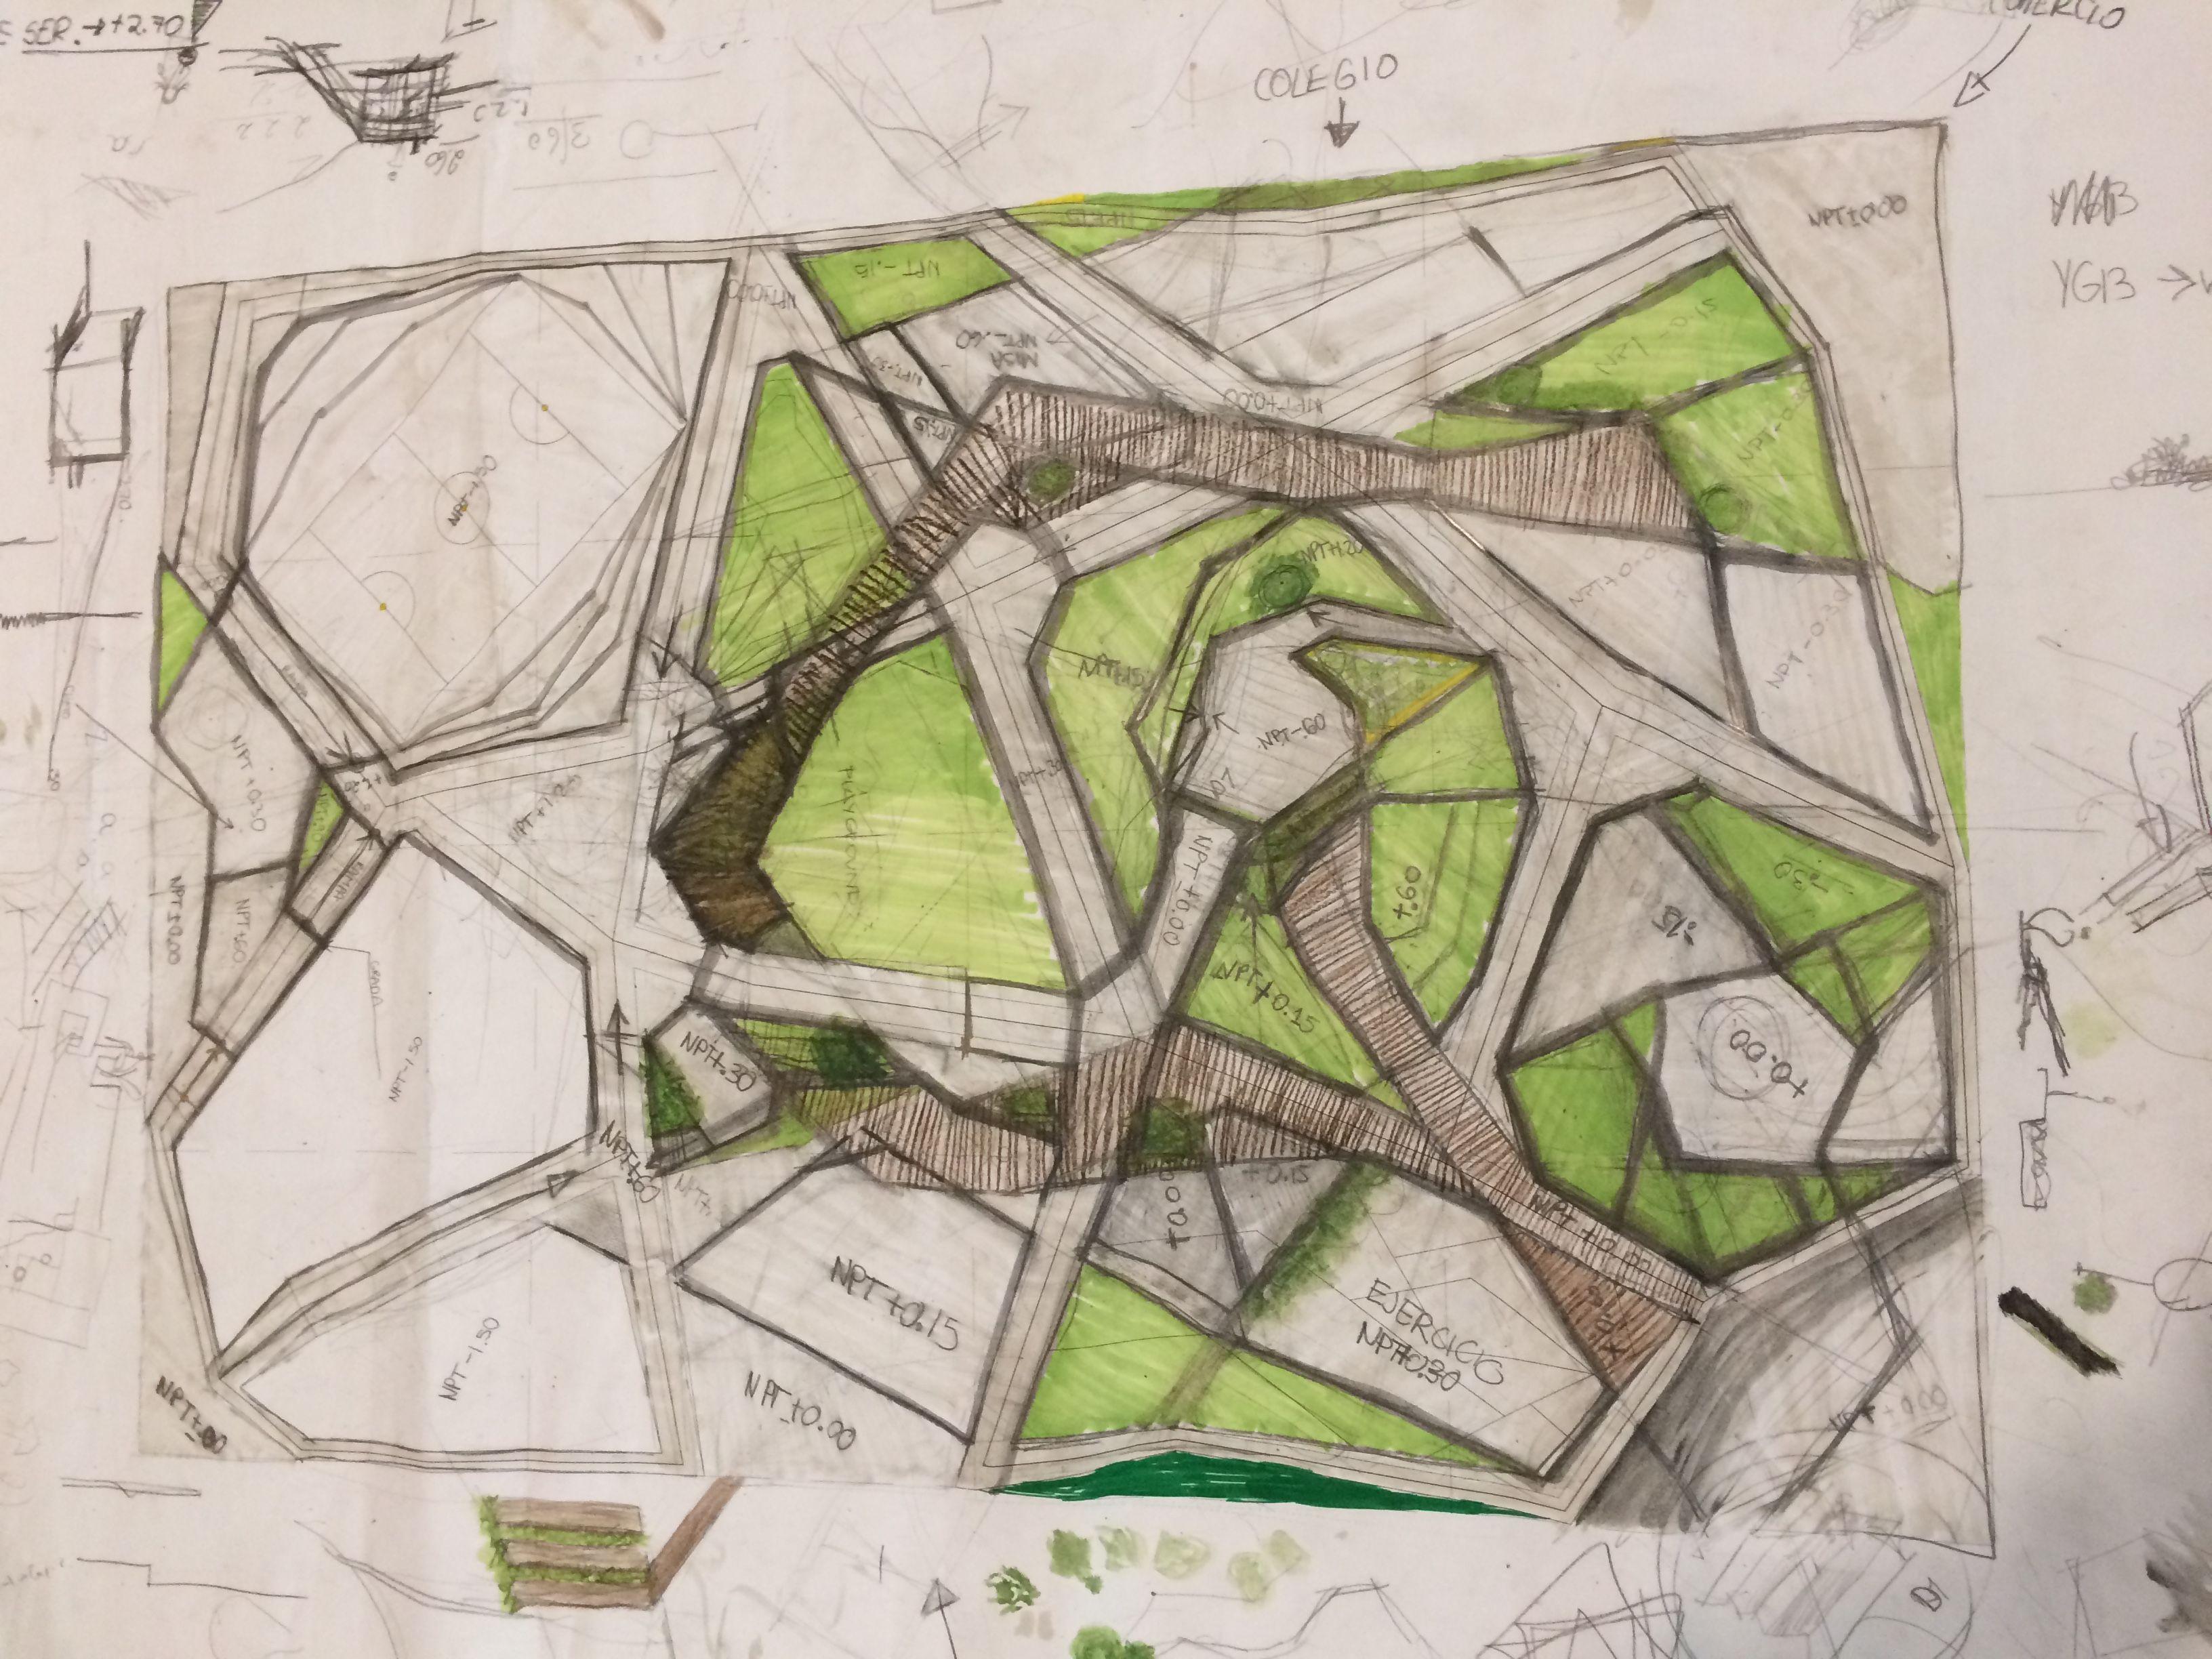 #landscape #public #architecture #student #park #design #drawing #paisajismo